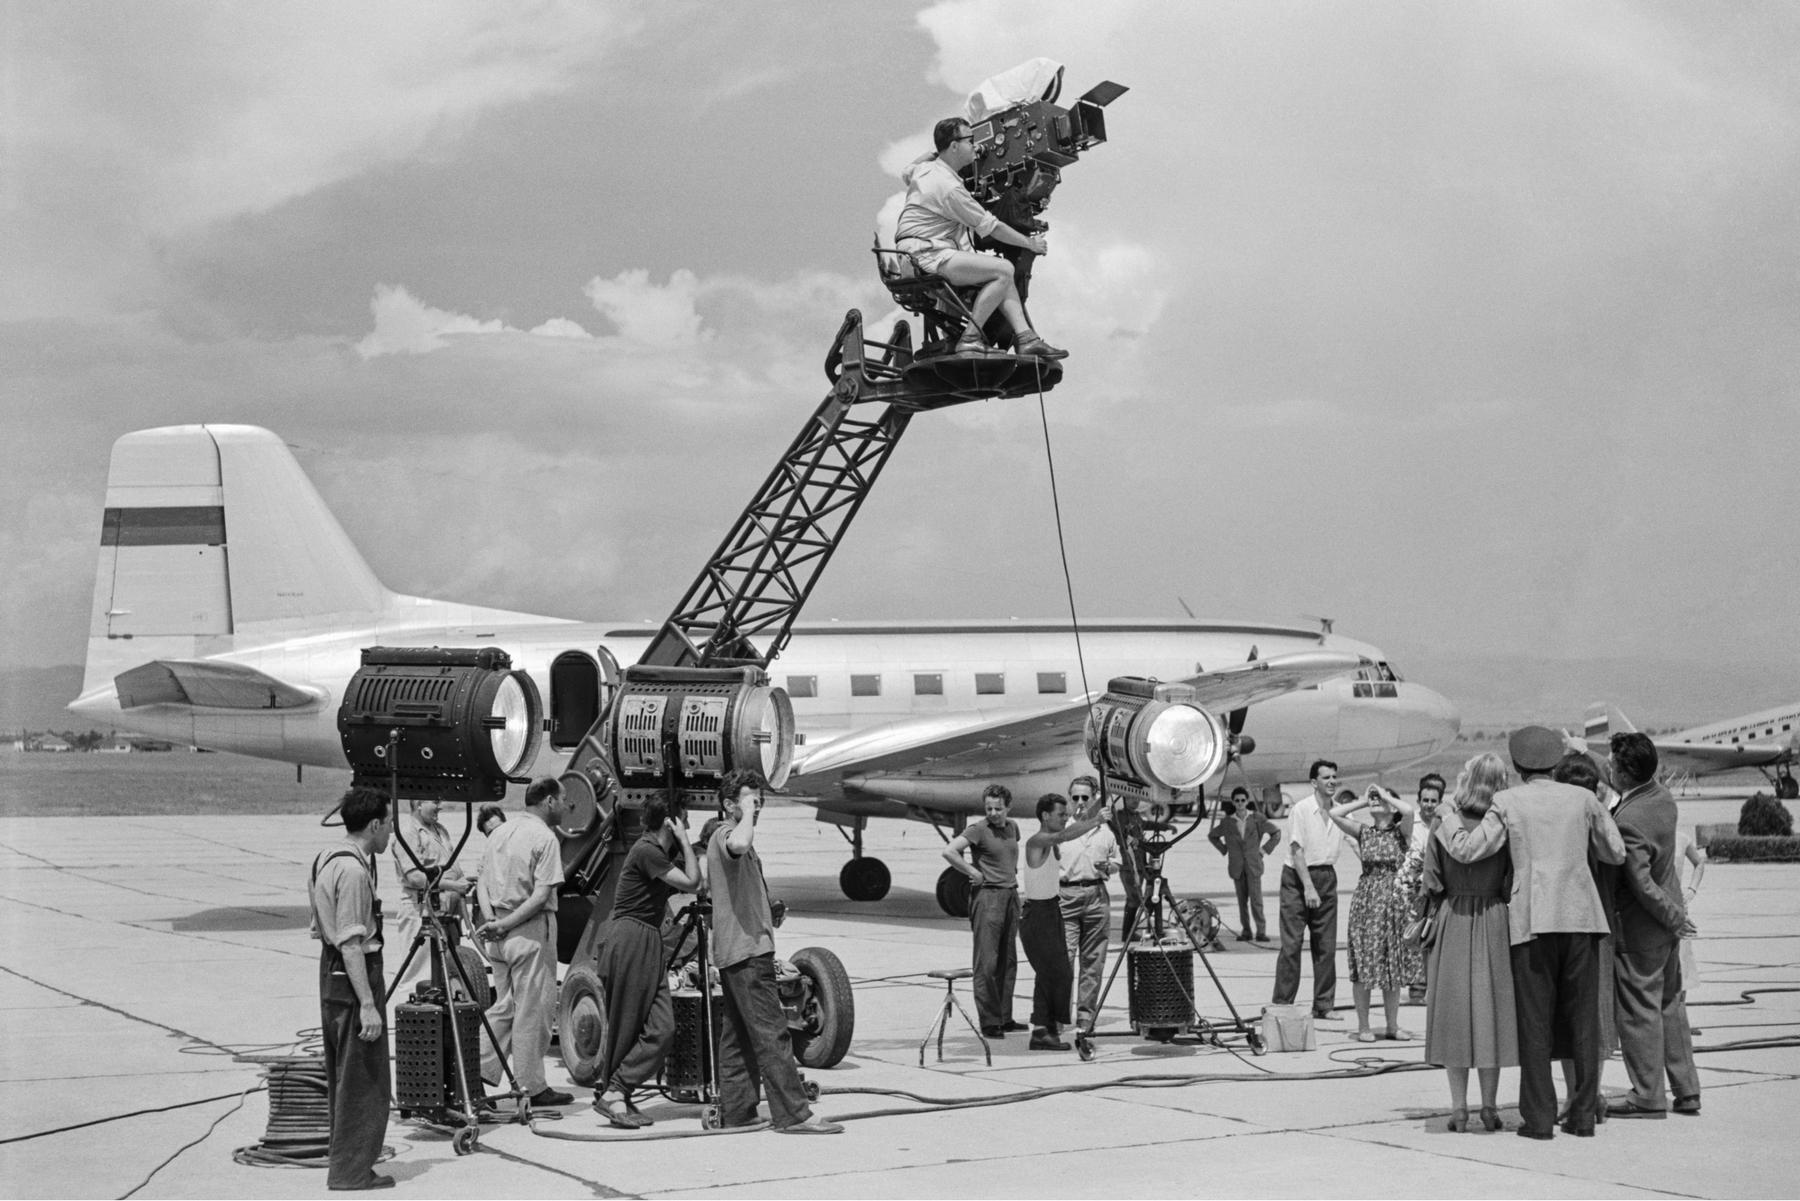 <p>&quot;Животът си тече тихо... &quot; , 1957 г. Фотограф:&nbsp; Г. Ив. Русинов</p>  <p>Работен момент на летище София</p>